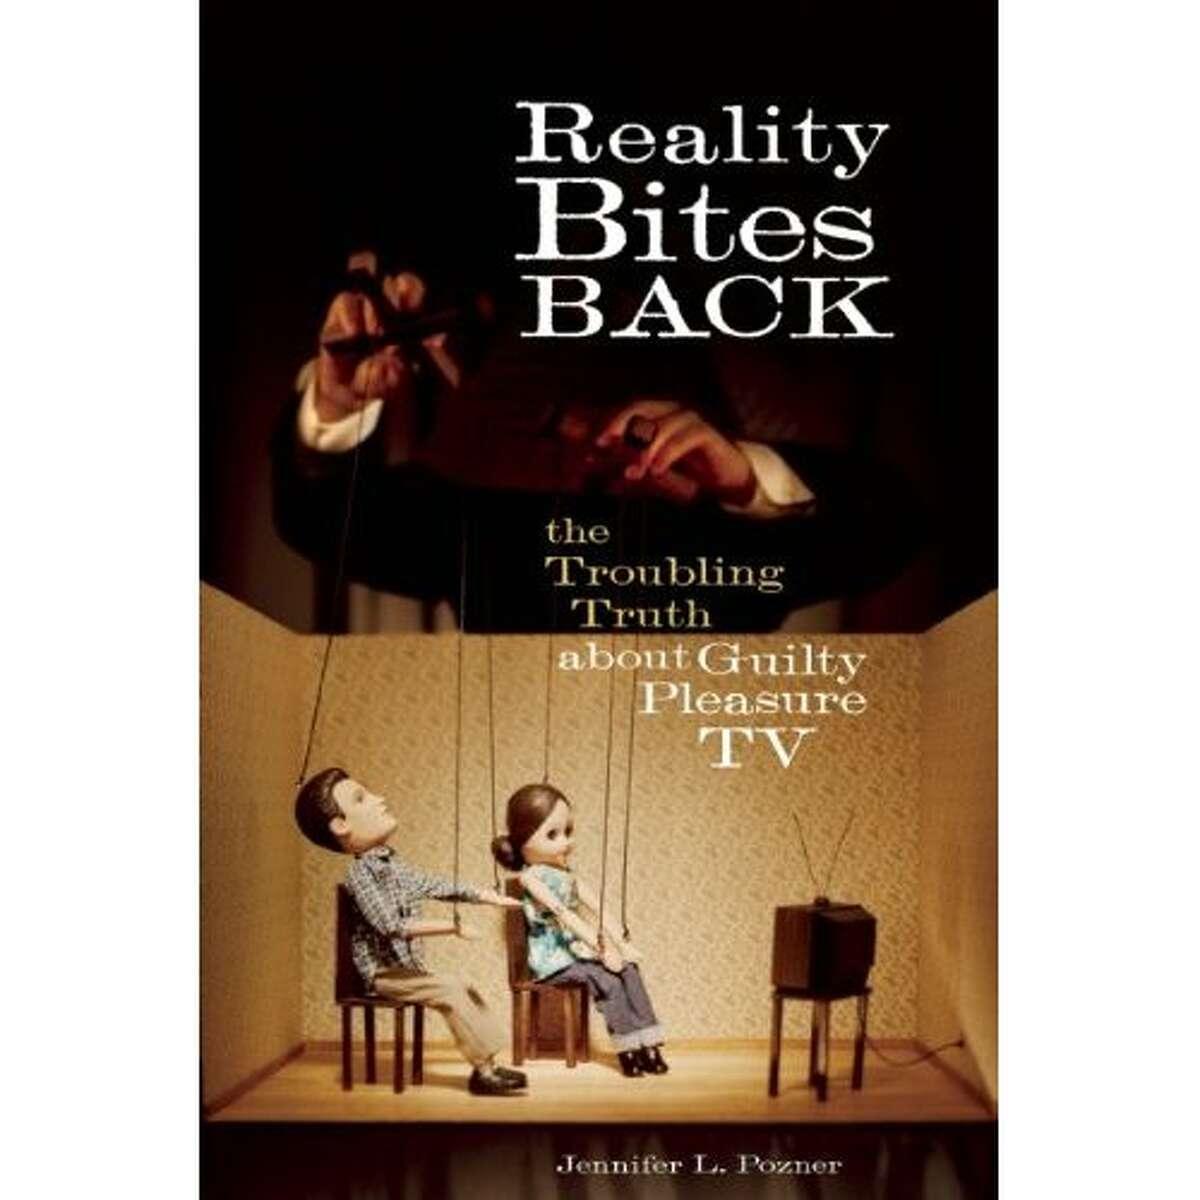 reality bites back, a book by Jennifer Pozner